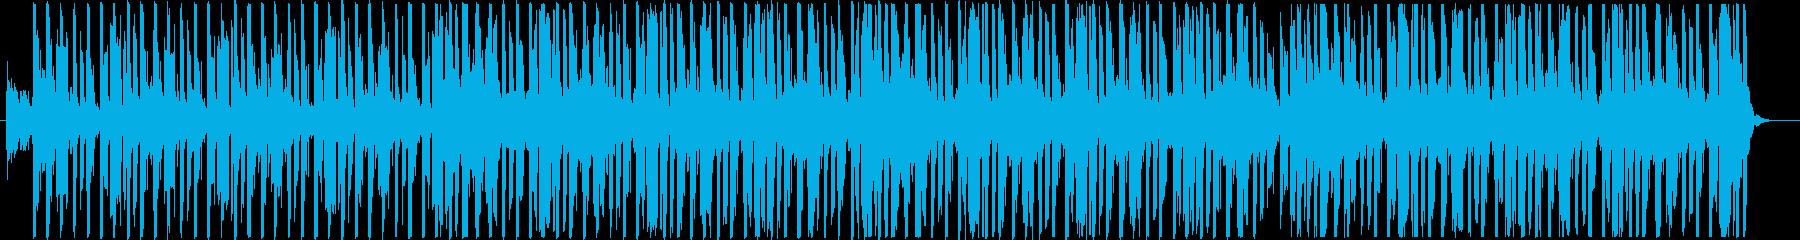 やわらかなイメージの4つ打ちR&Bの再生済みの波形